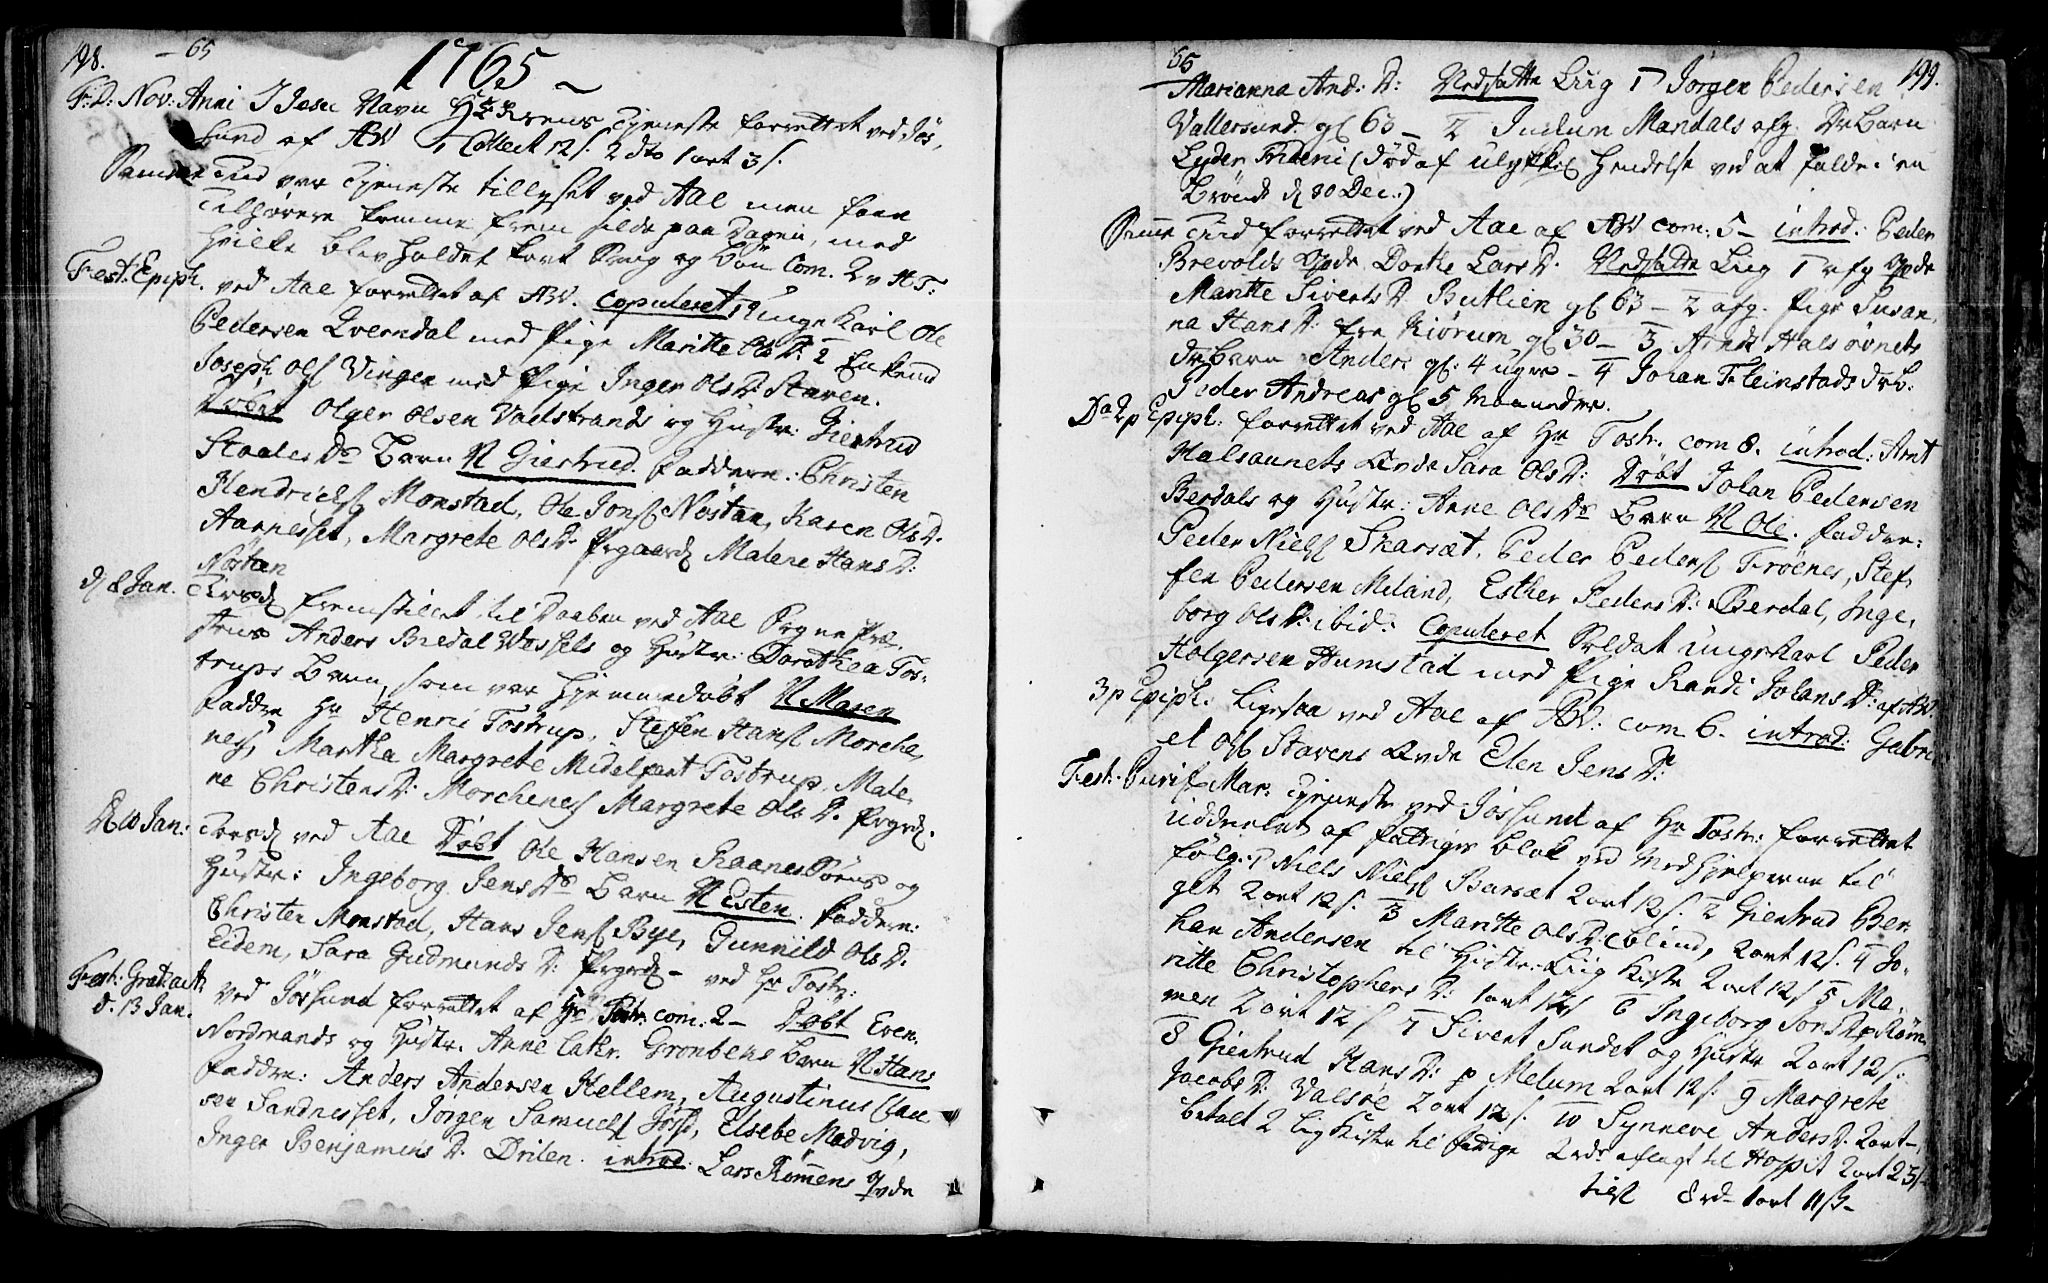 SAT, Ministerialprotokoller, klokkerbøker og fødselsregistre - Sør-Trøndelag, 655/L0672: Ministerialbok nr. 655A01, 1750-1779, s. 198-199